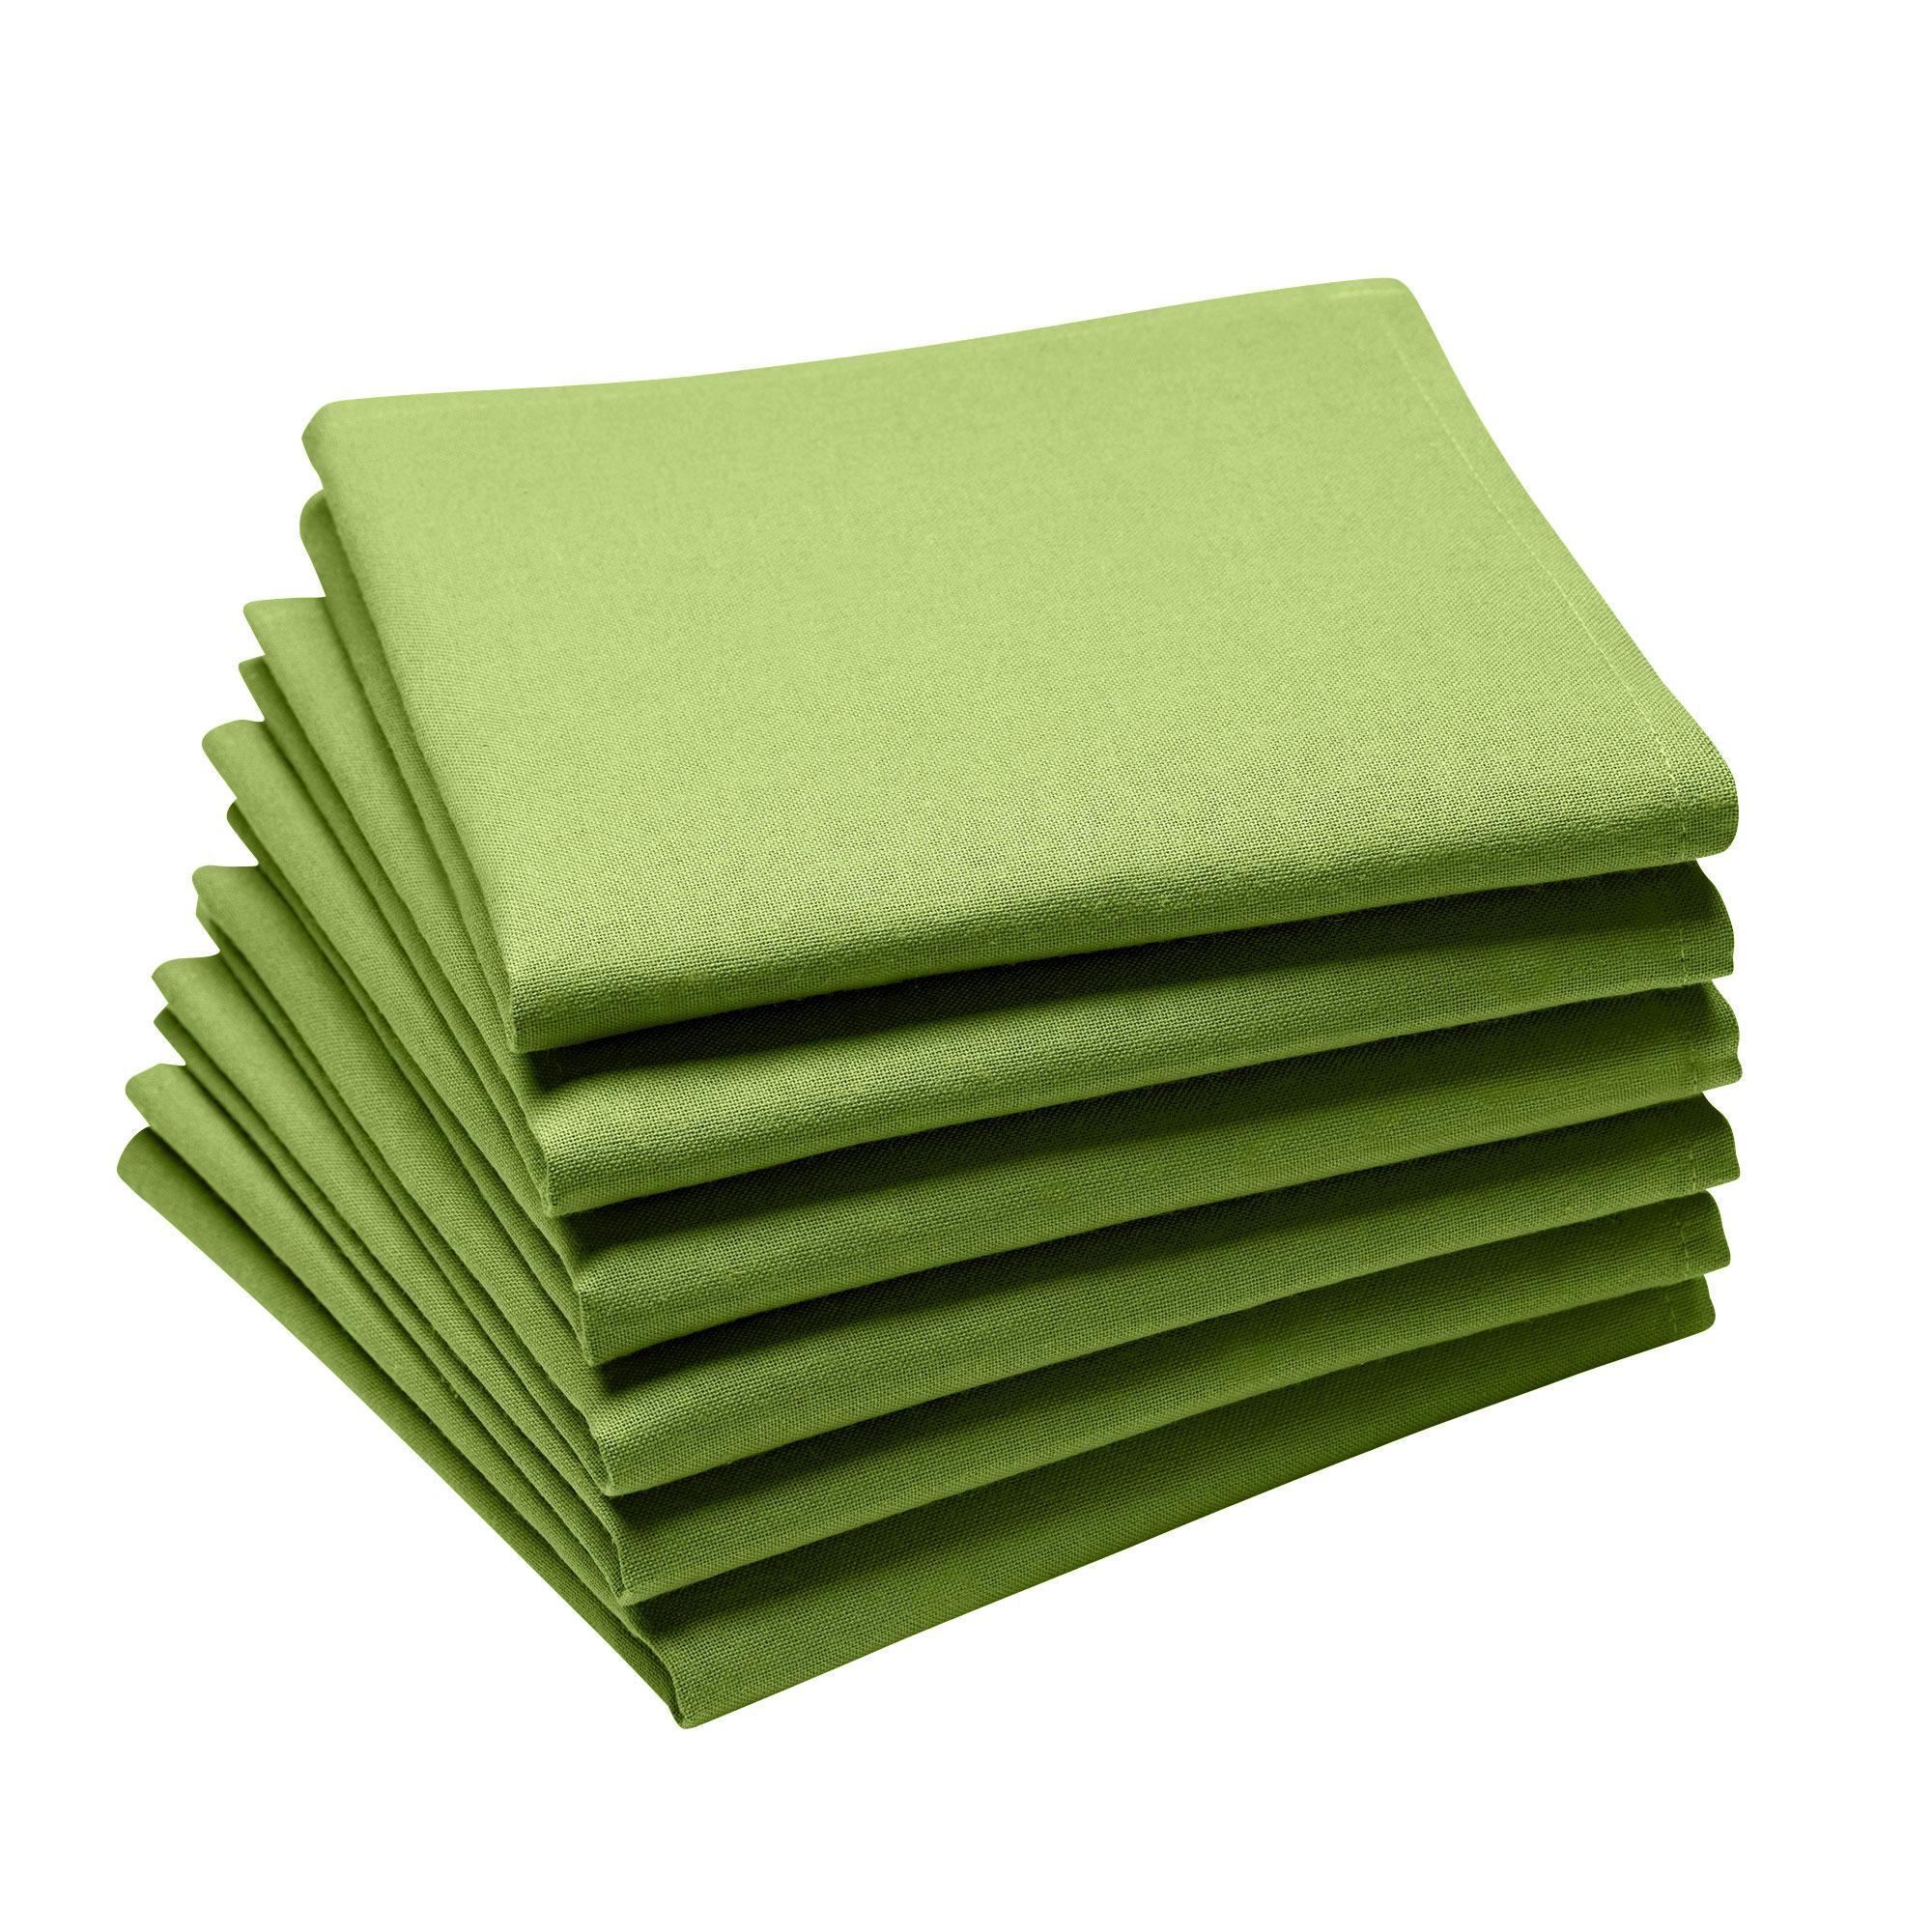 Lot de 6 serviettes en coton traite Teflon, Brocoli 45 x 45